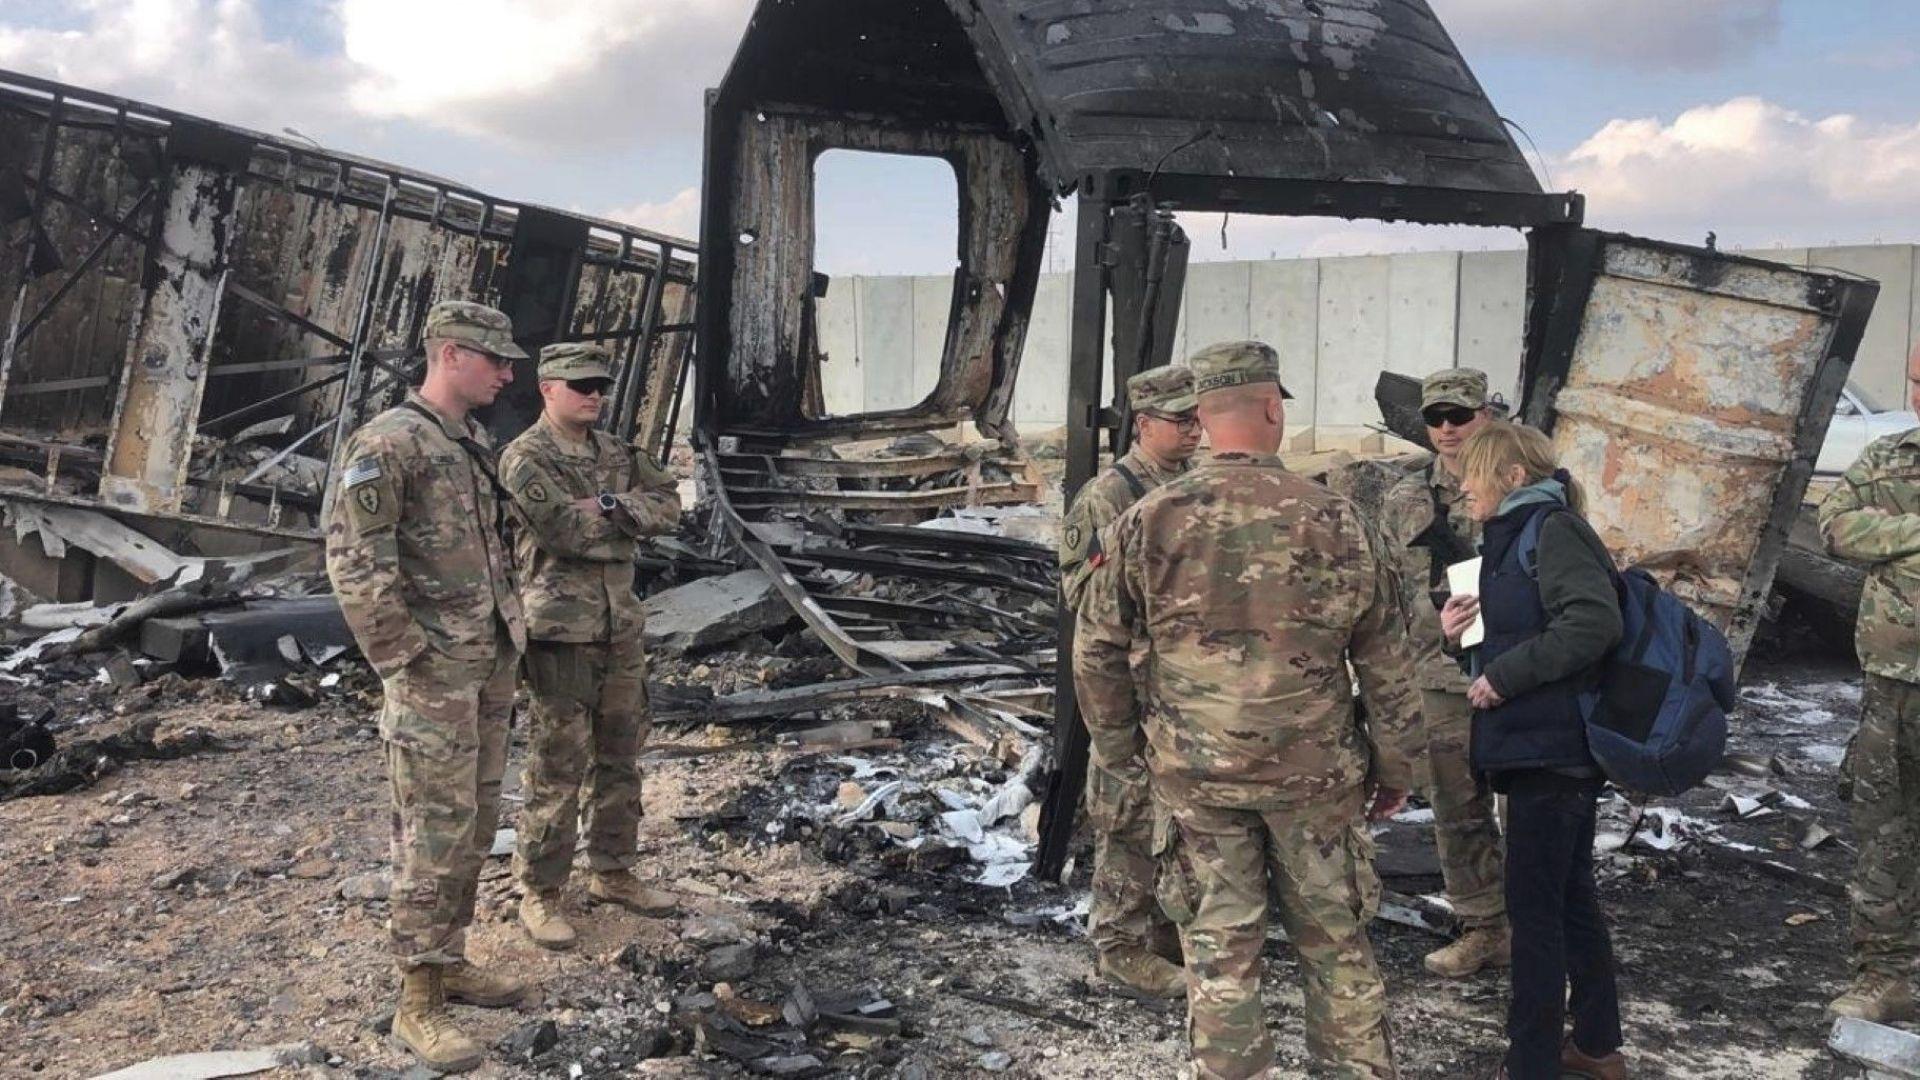 Трима американски войници са били ранени при ракетната атака срещу базата Таджи в Ирак